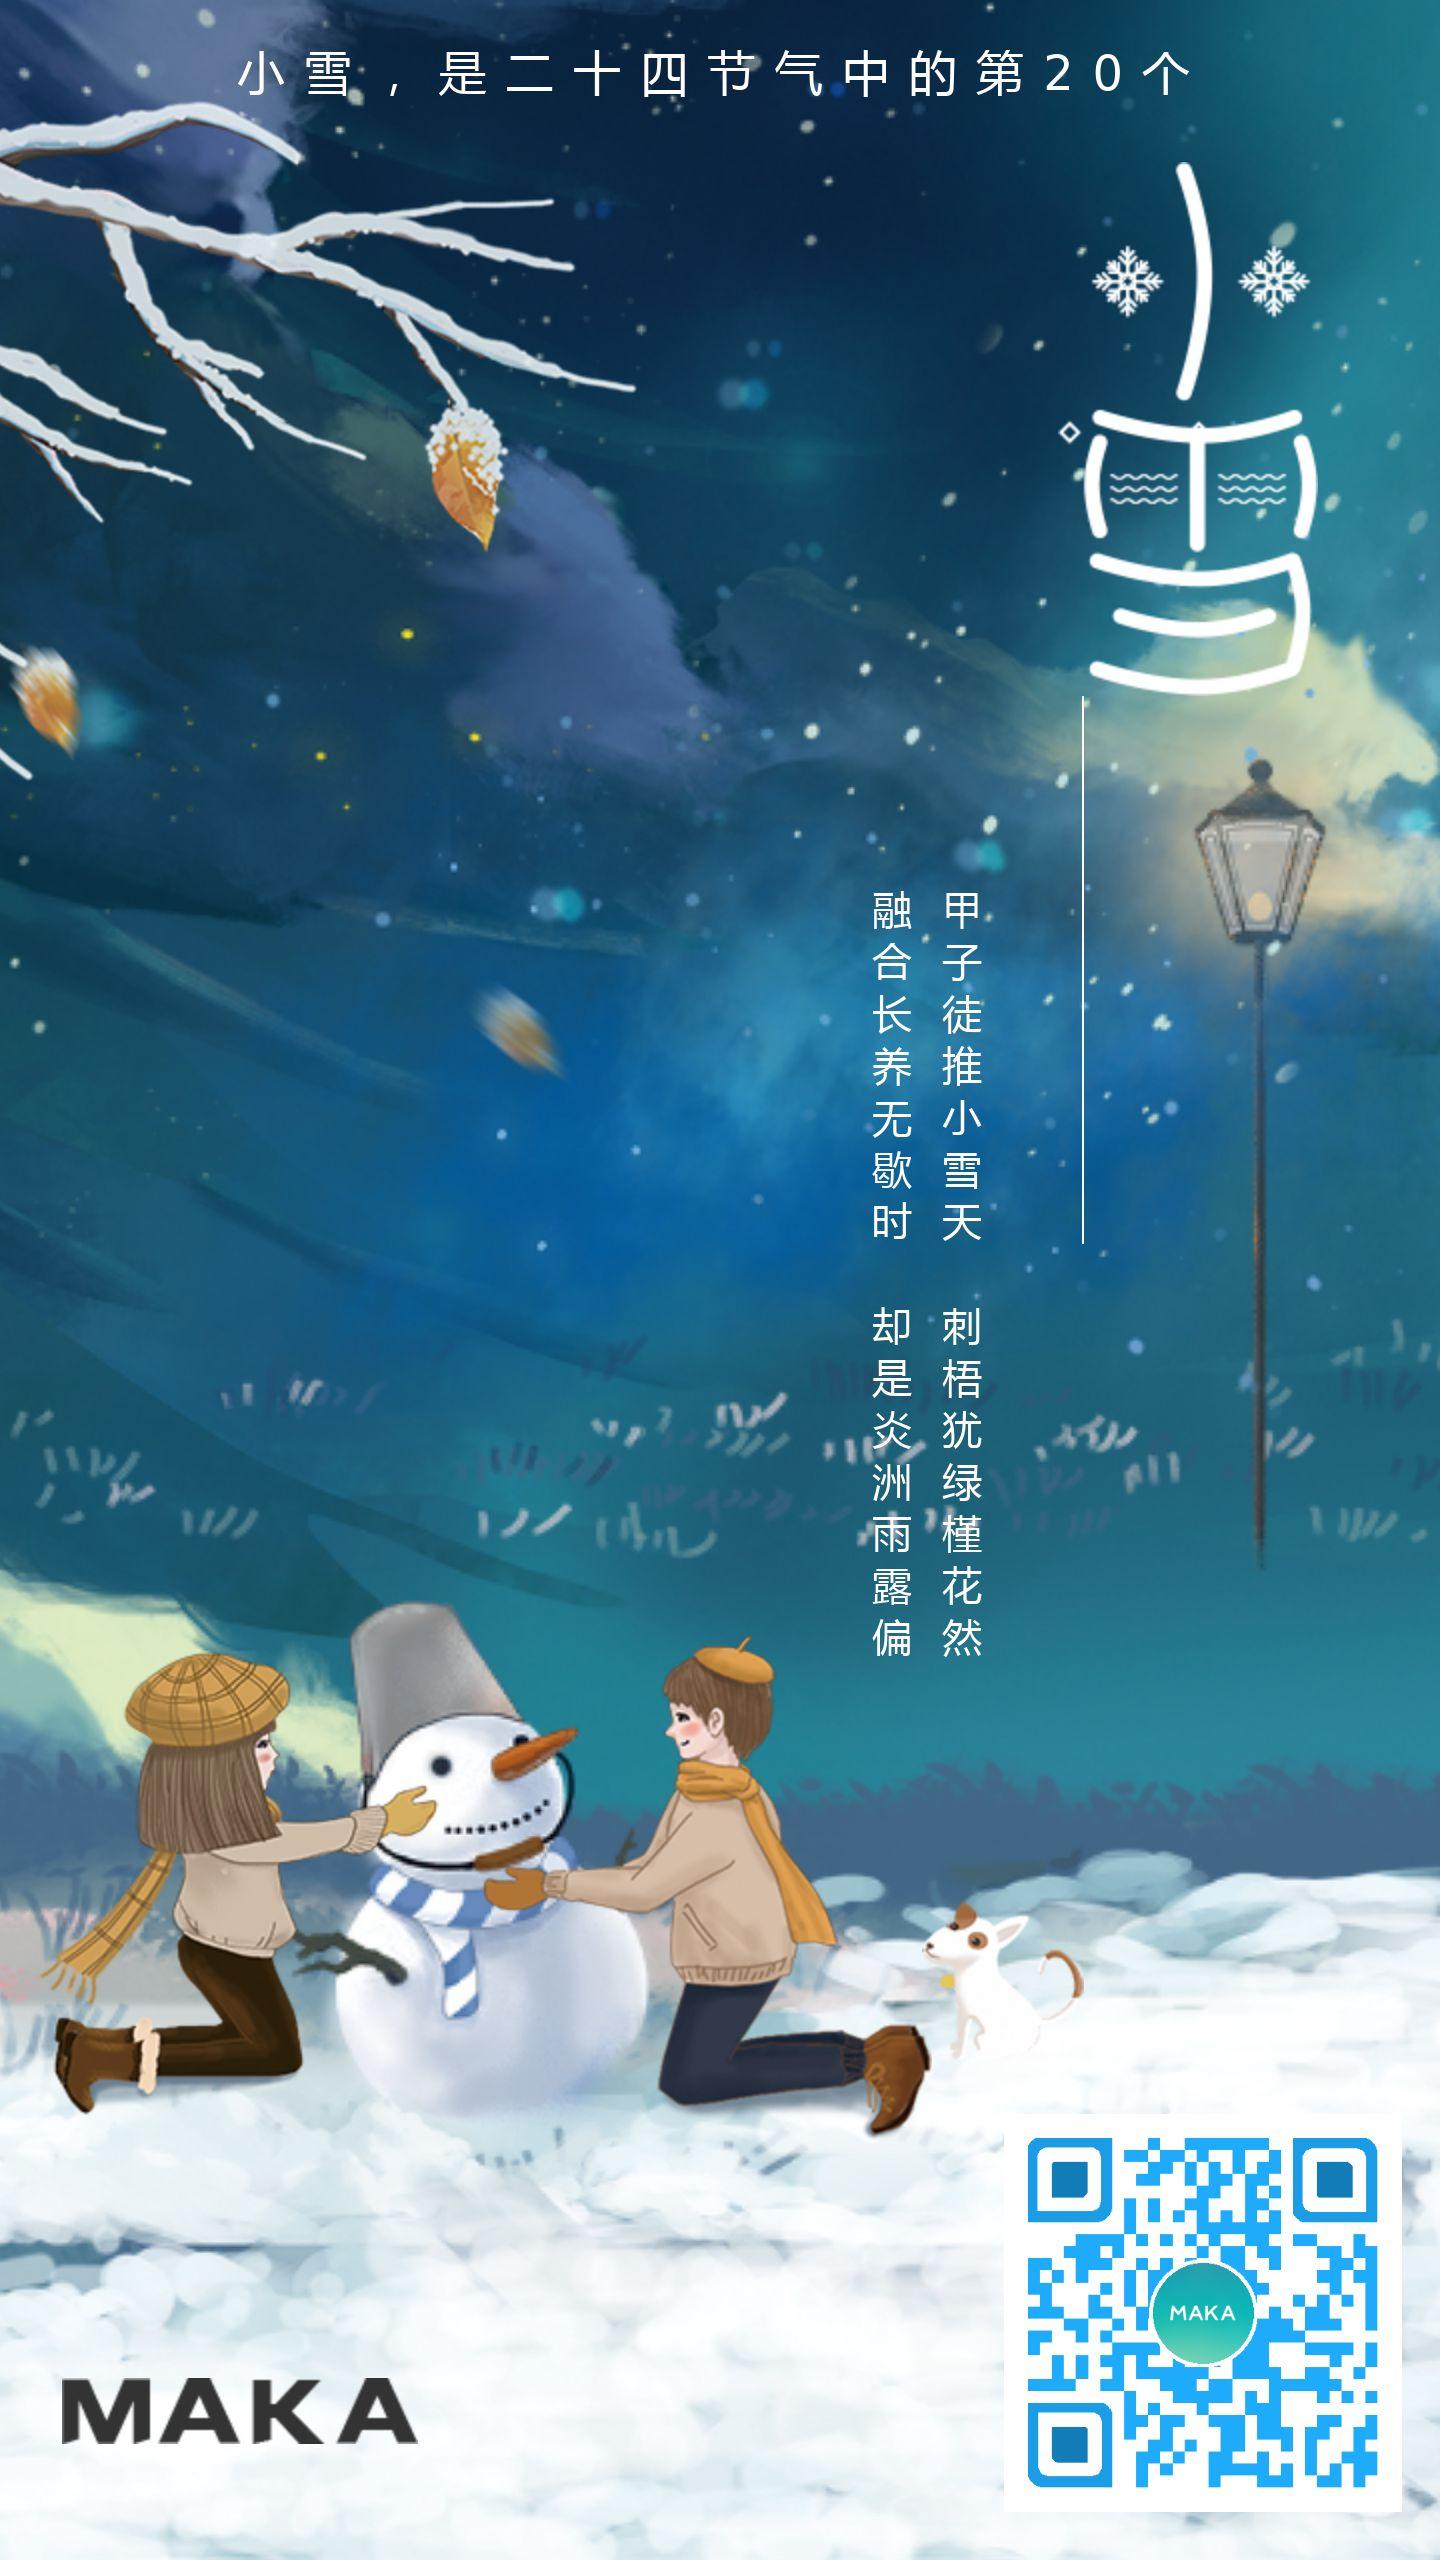 插画二十四节气小雪海报